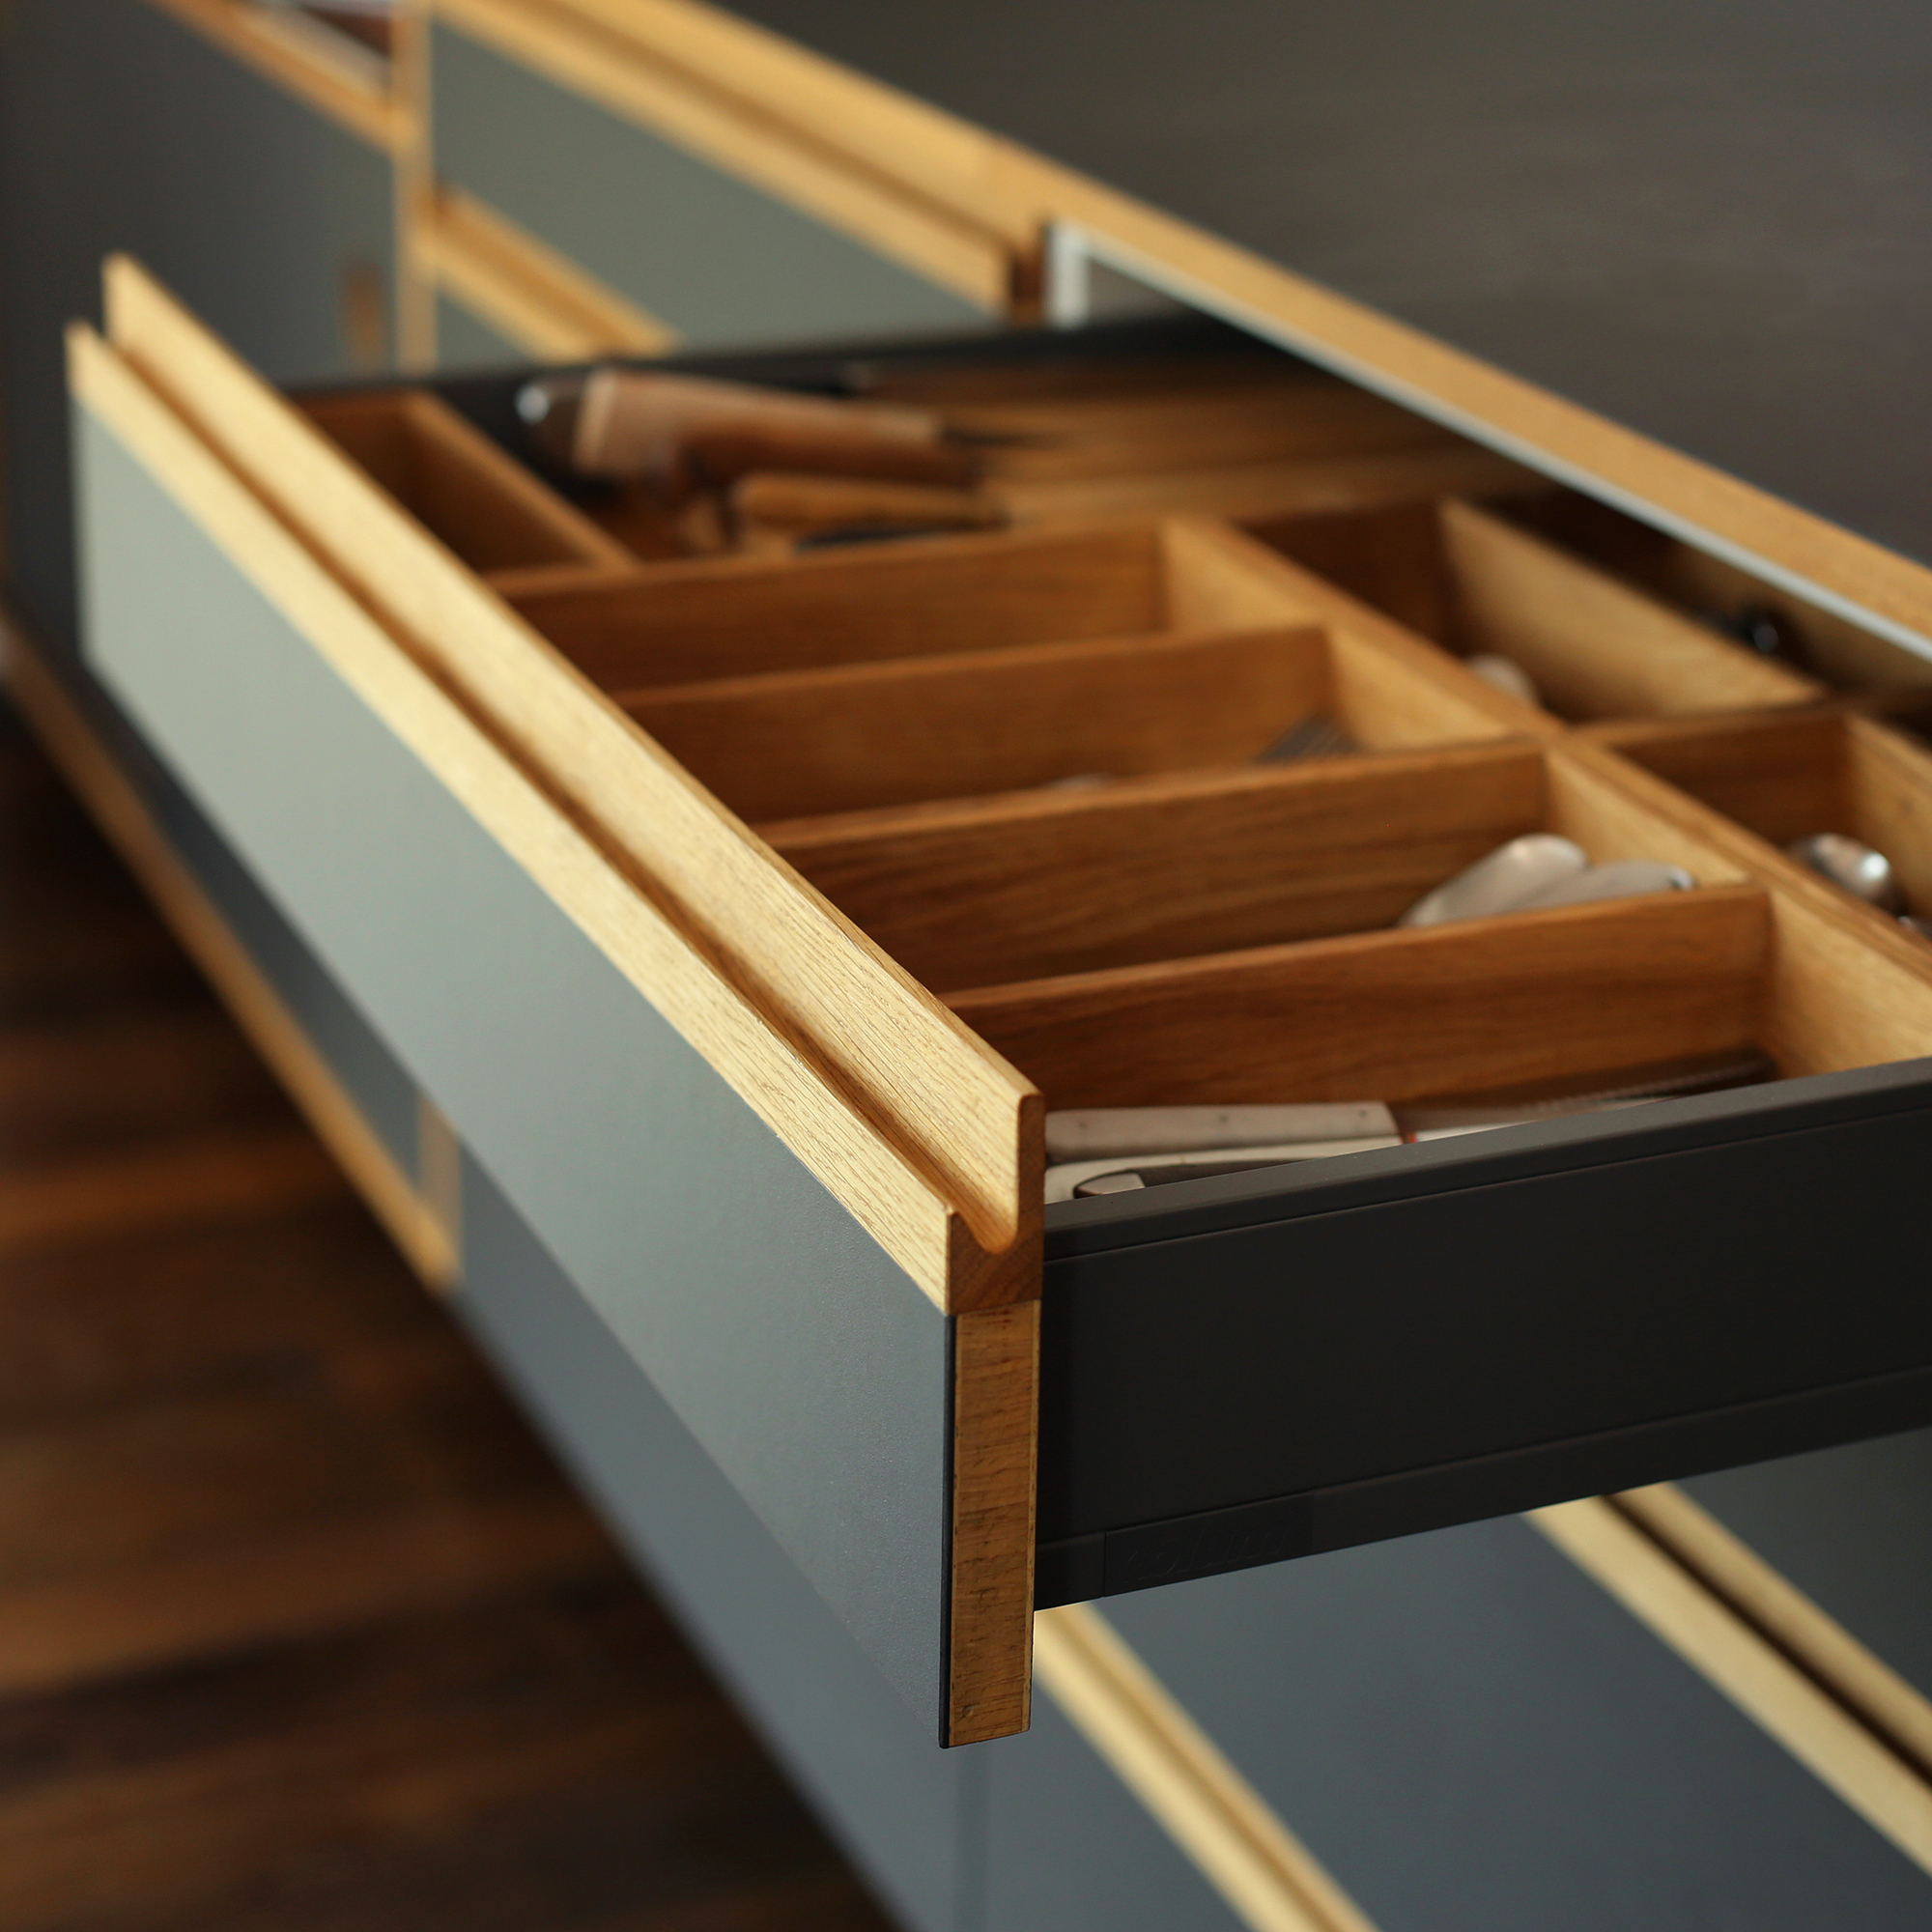 Küchenschübe aus Linoleum und Besteckfächern aus geölter Wiche